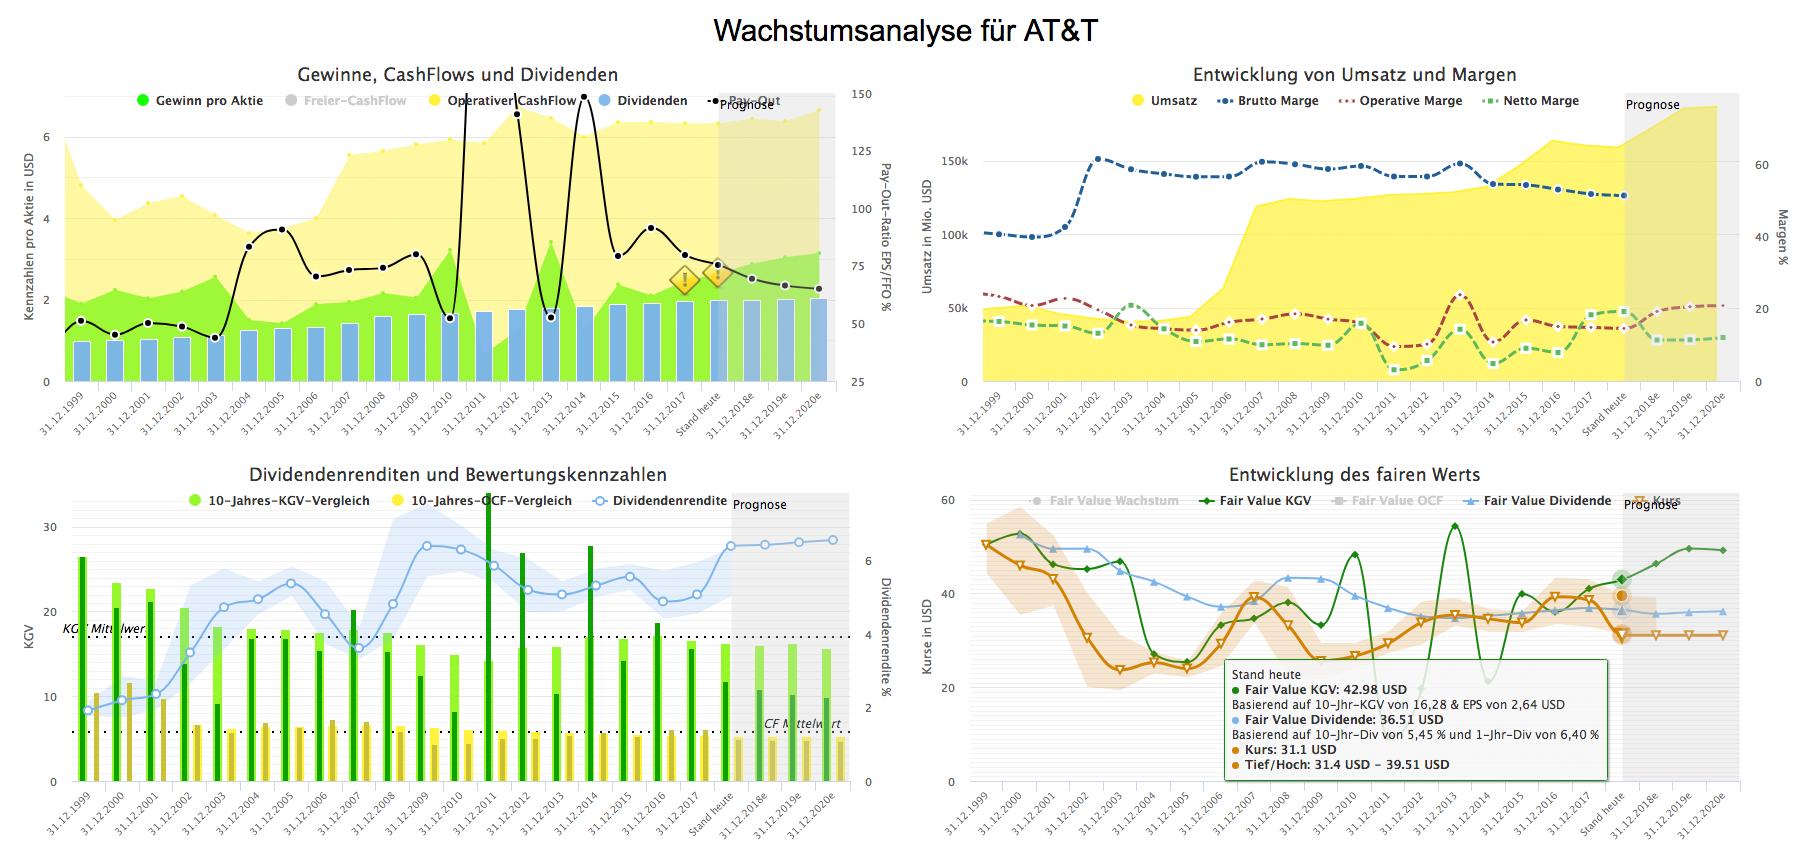 Wachstumsanalyse für AT&T